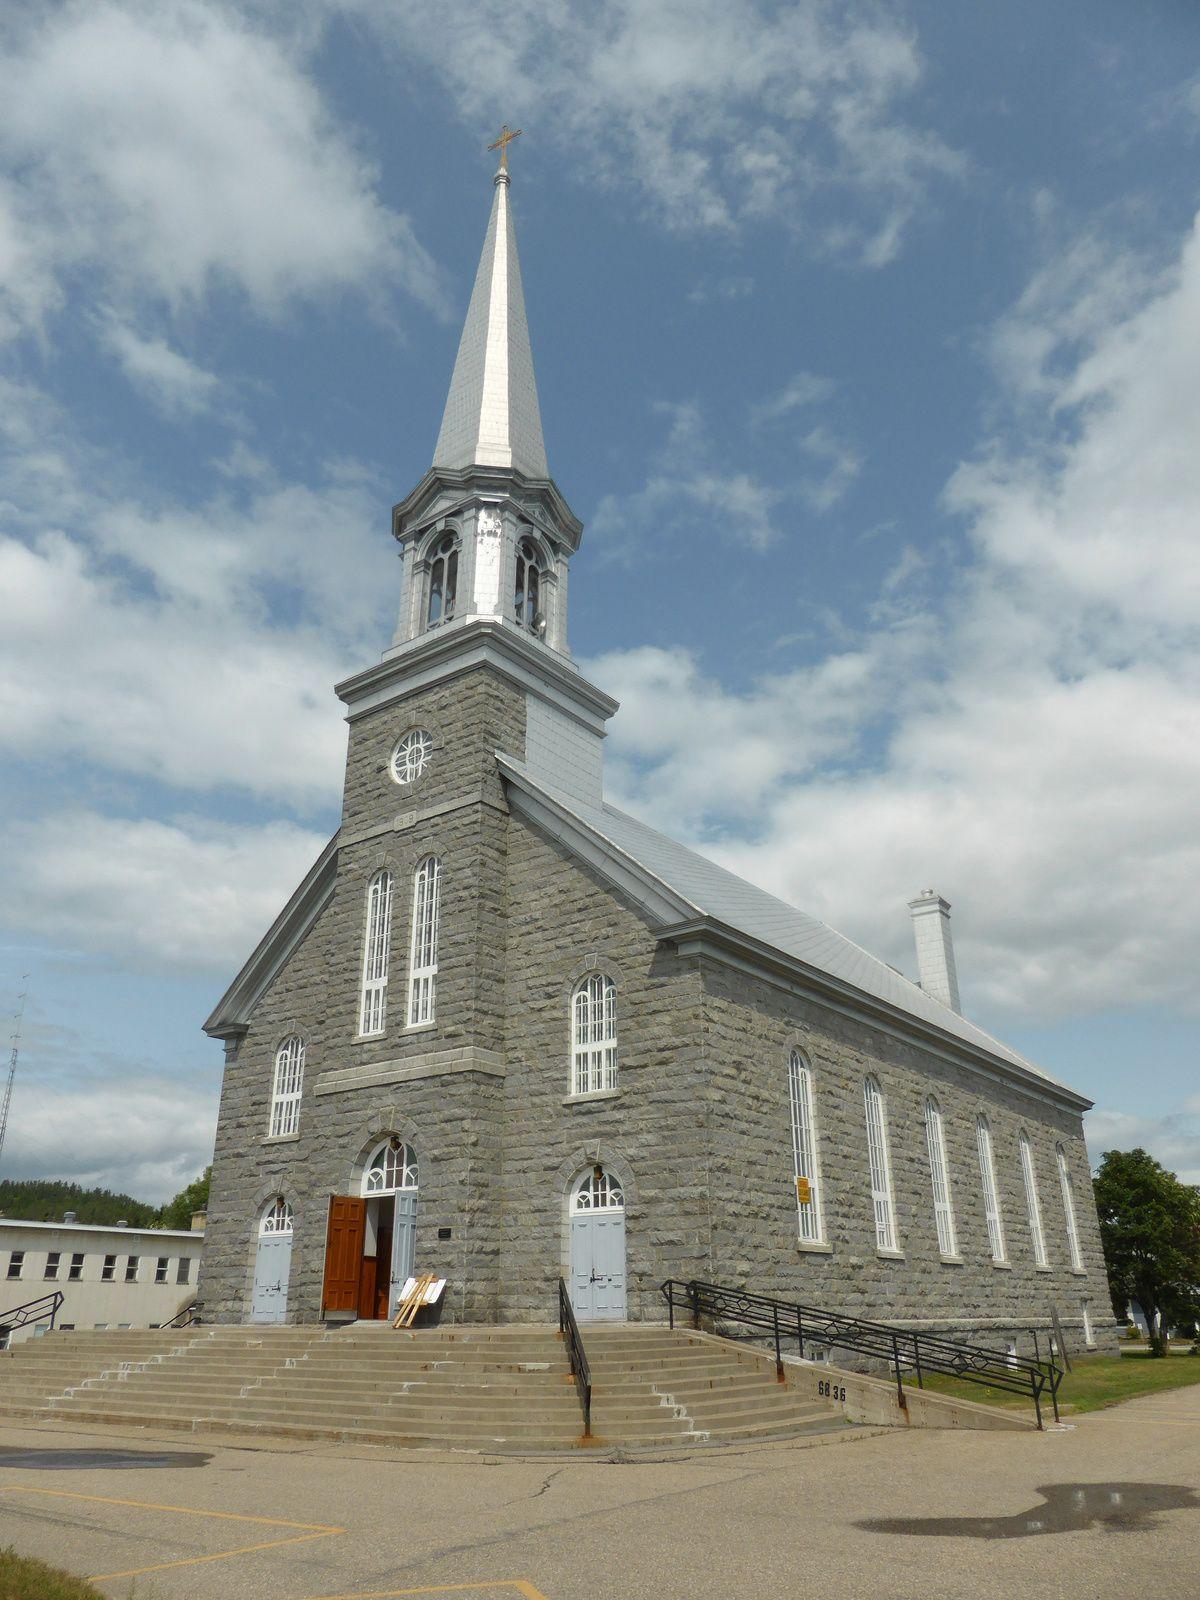 ville de Sacré Coeur - son église http://tricotdamandine.over-blog.com/2014/07/suite-de-notre-voyage-fjord-du-saguenay-et-plus.html